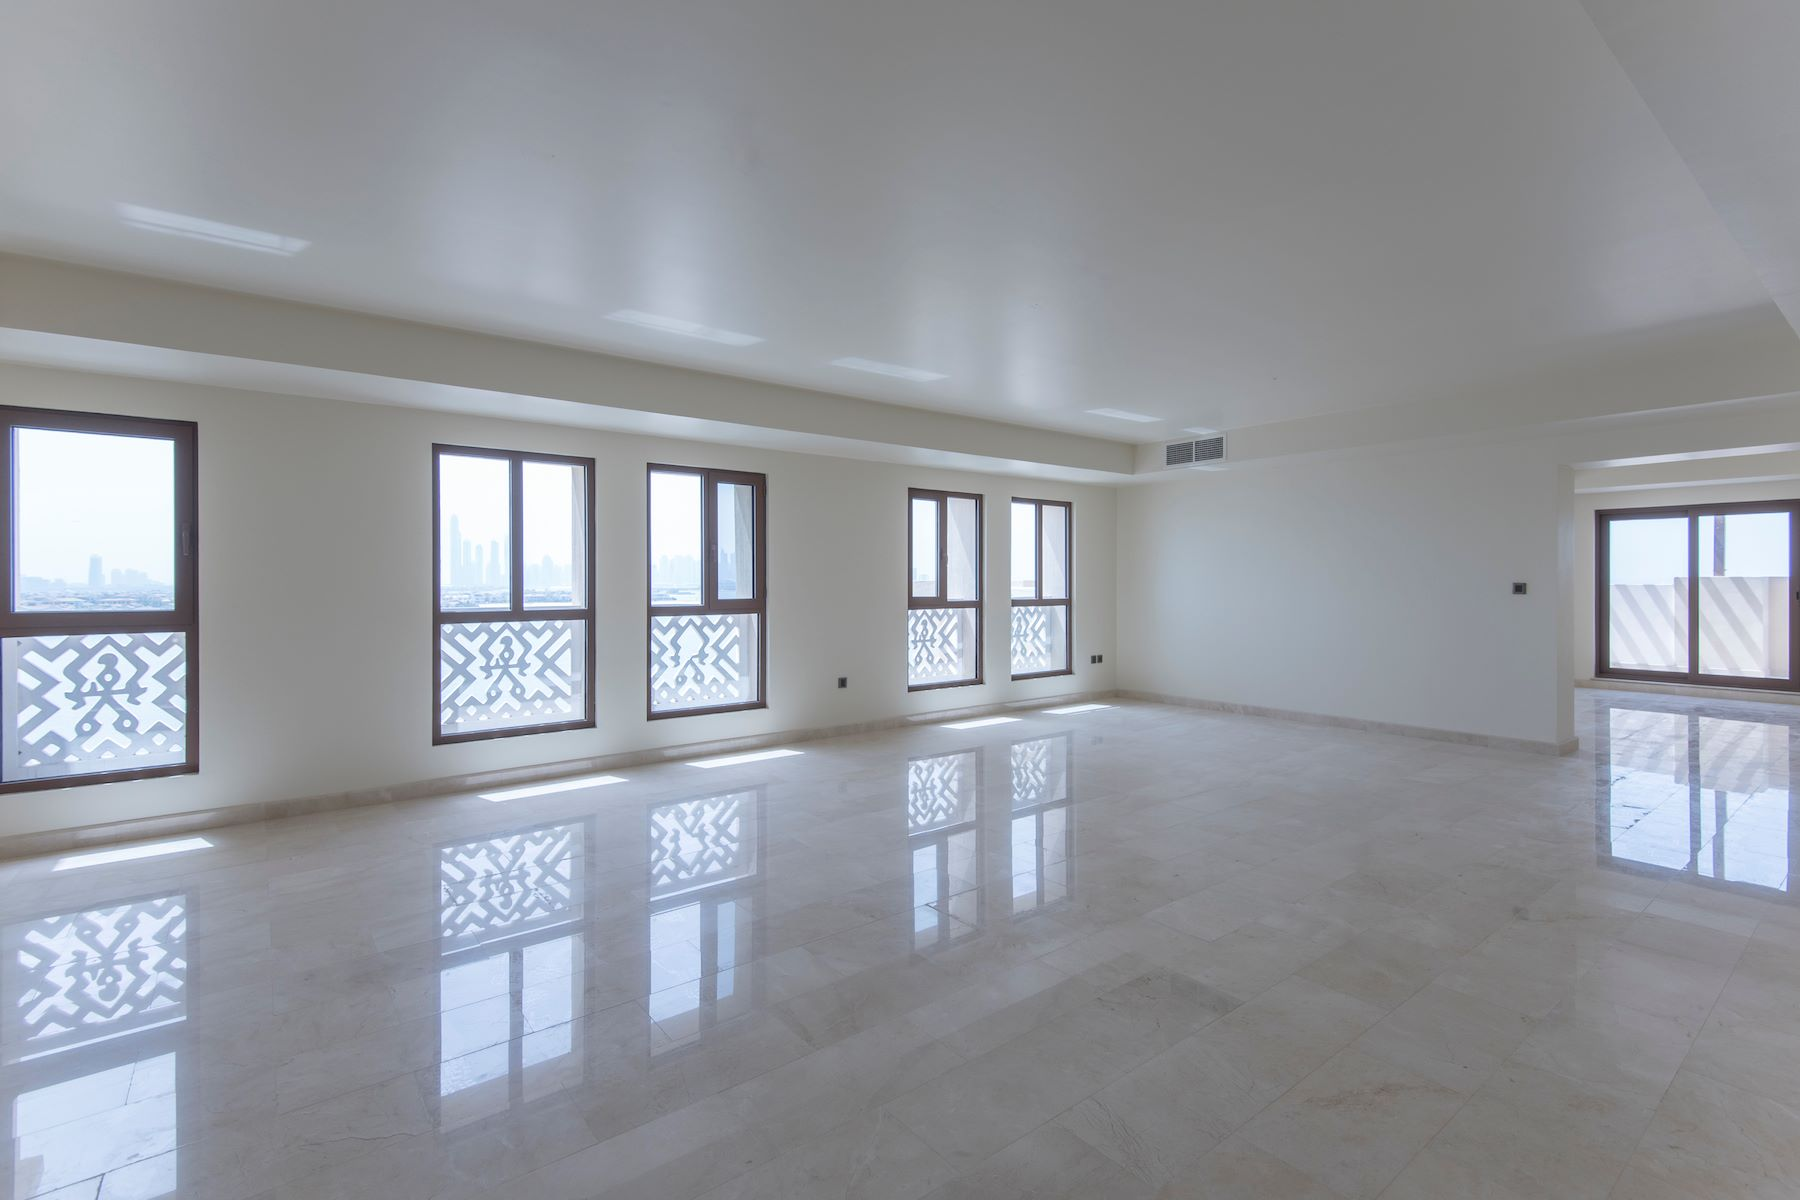 Квартира для того Продажа на Balqis Residence Dubai, Дубай Объединенные Арабские Эмираты